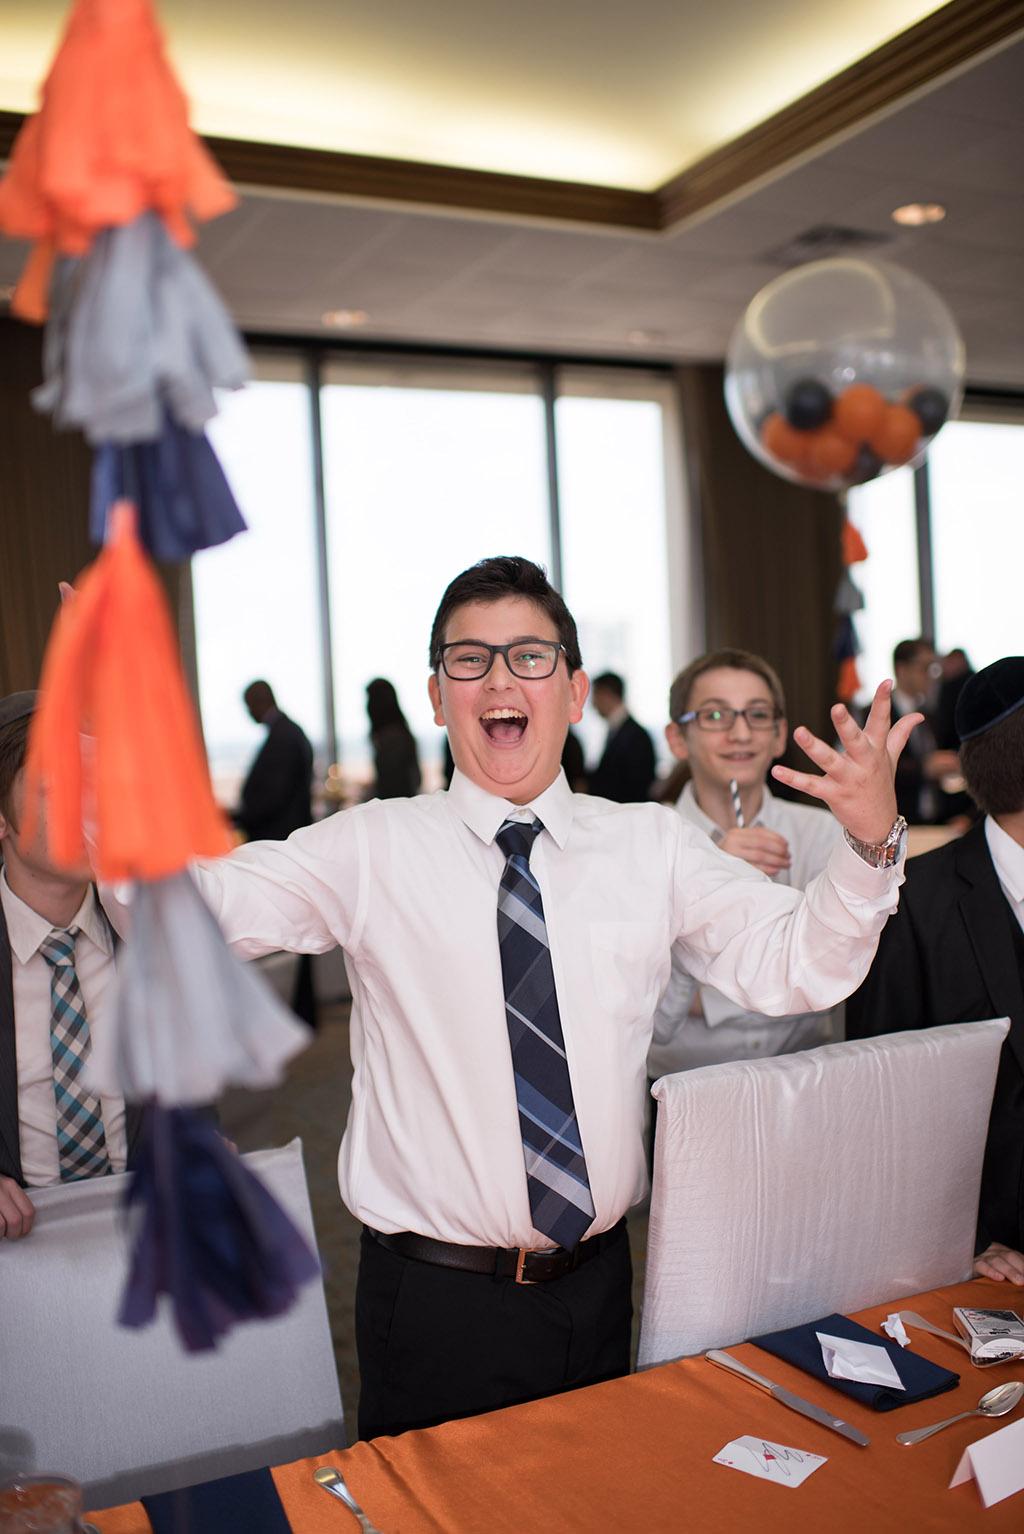 happy Bar Mitzvah boy